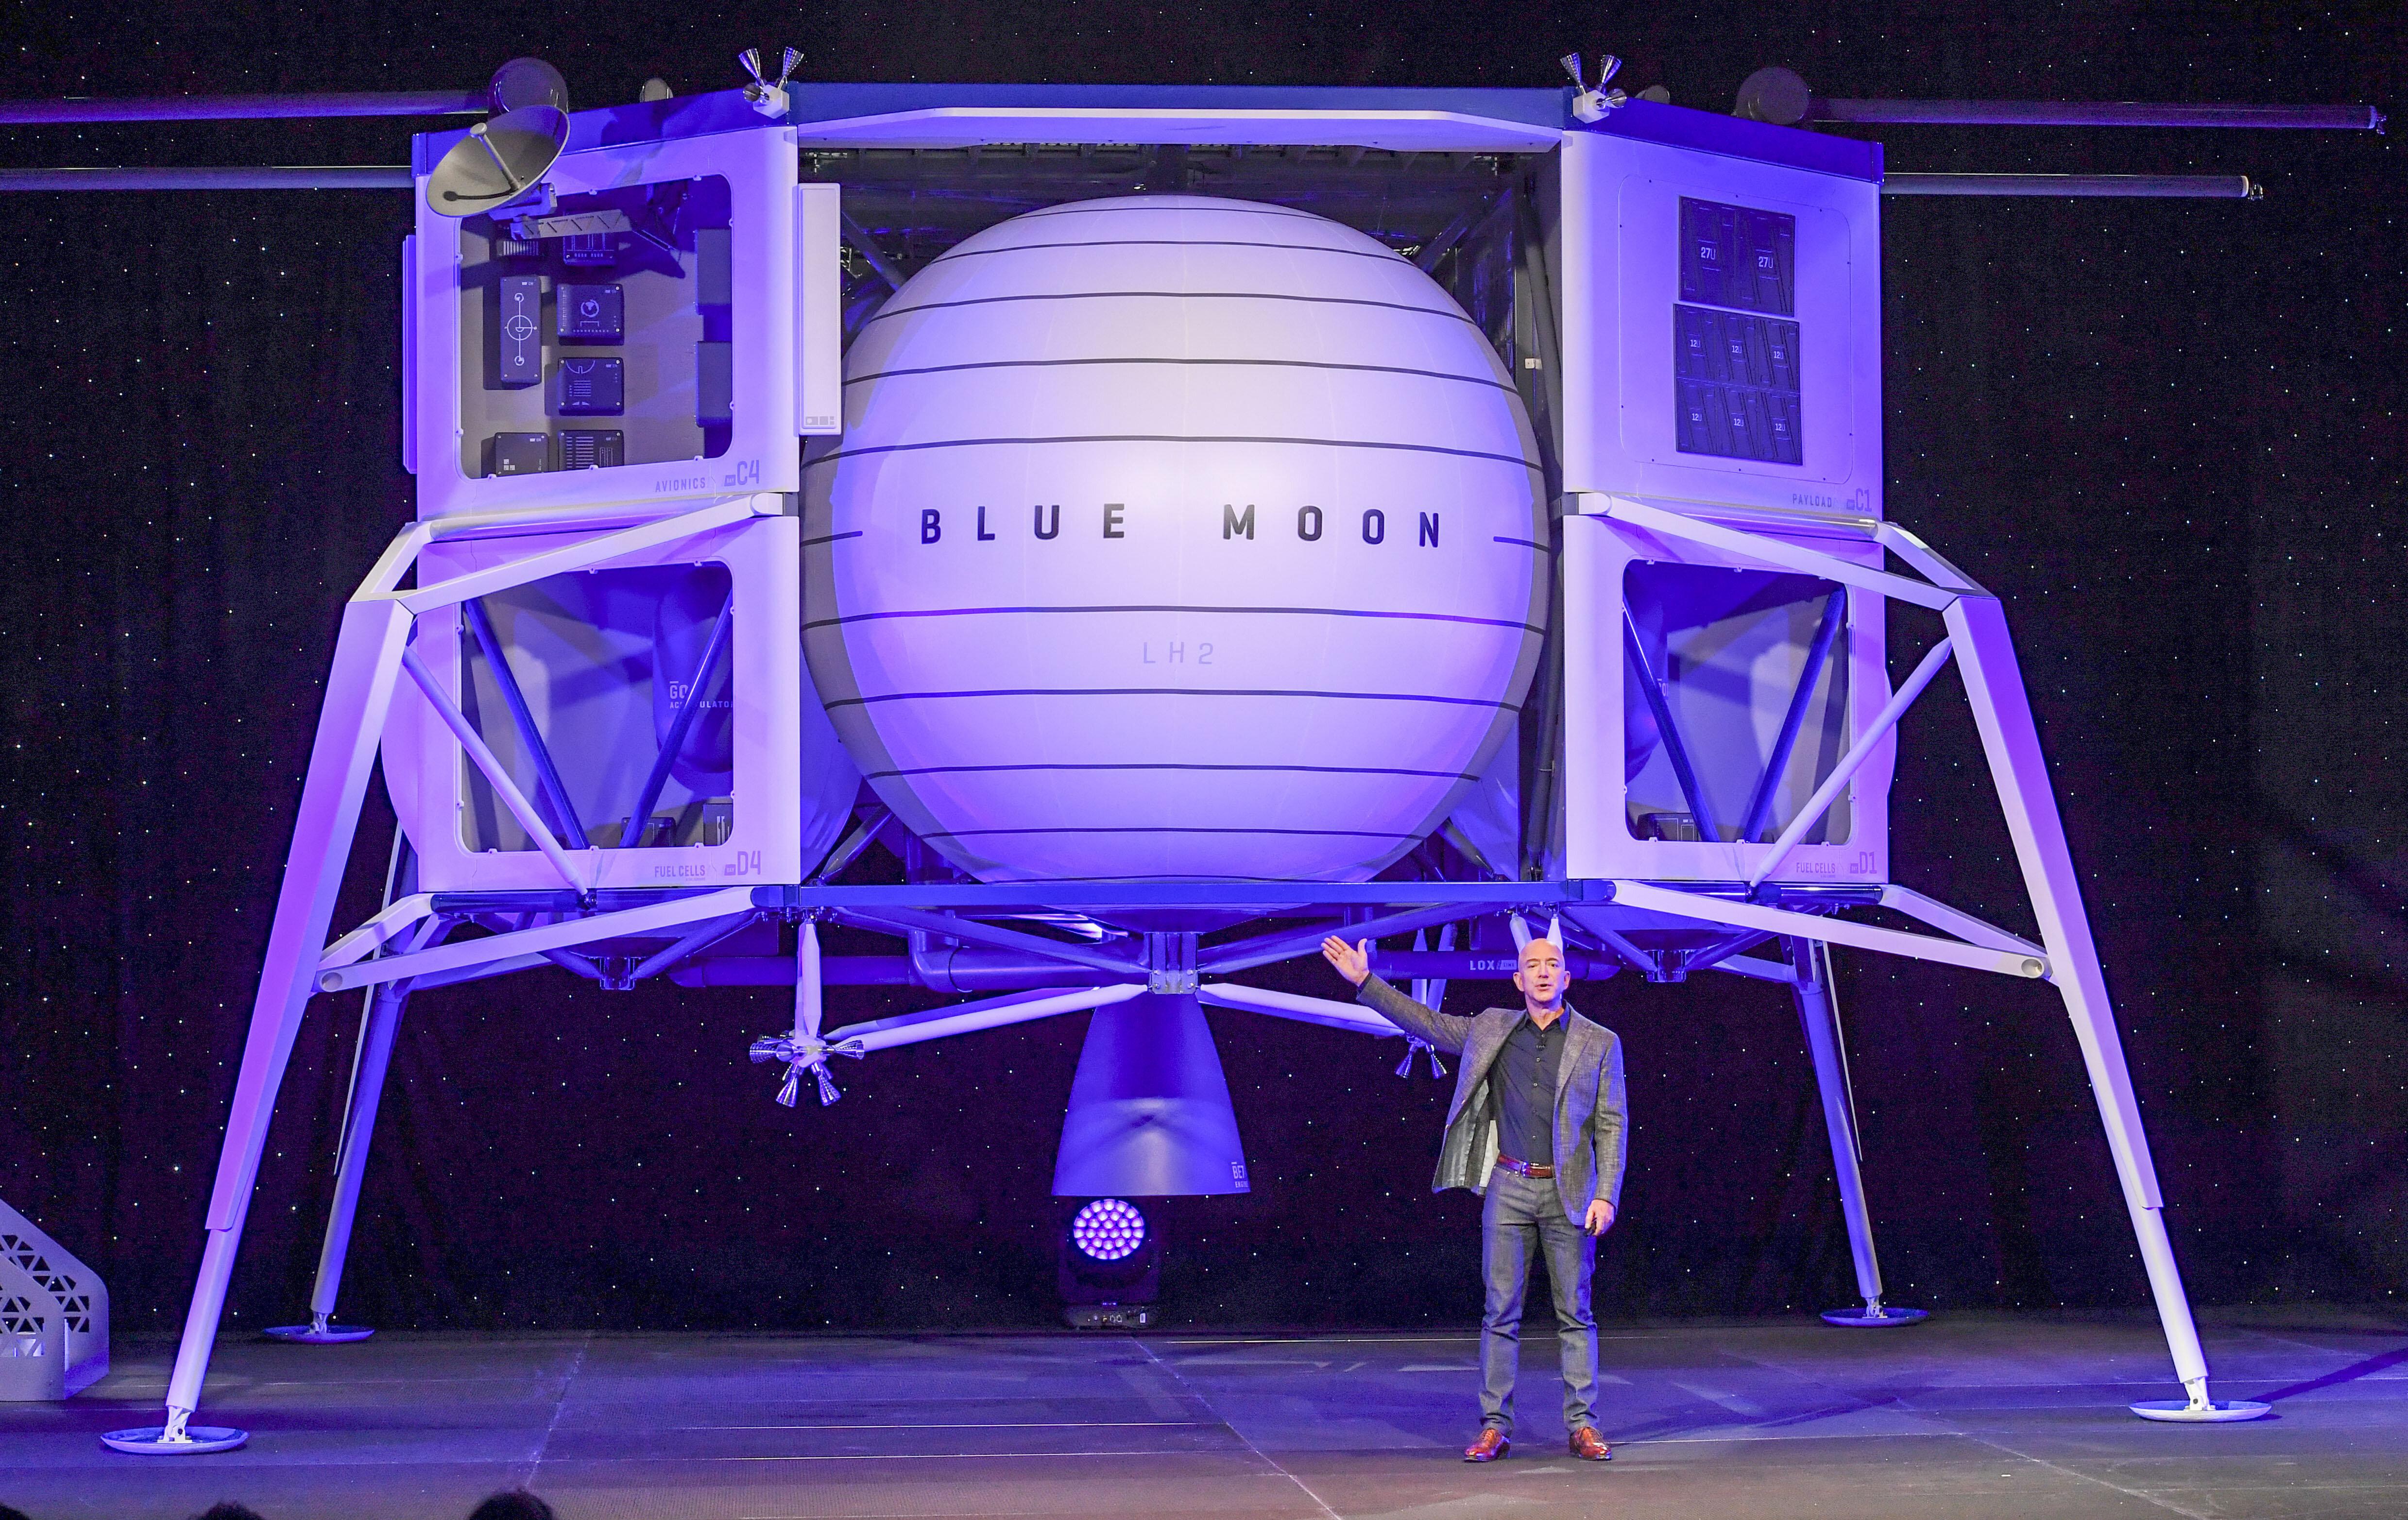 Jeff Bezos à la conquête de la lune avec Blue